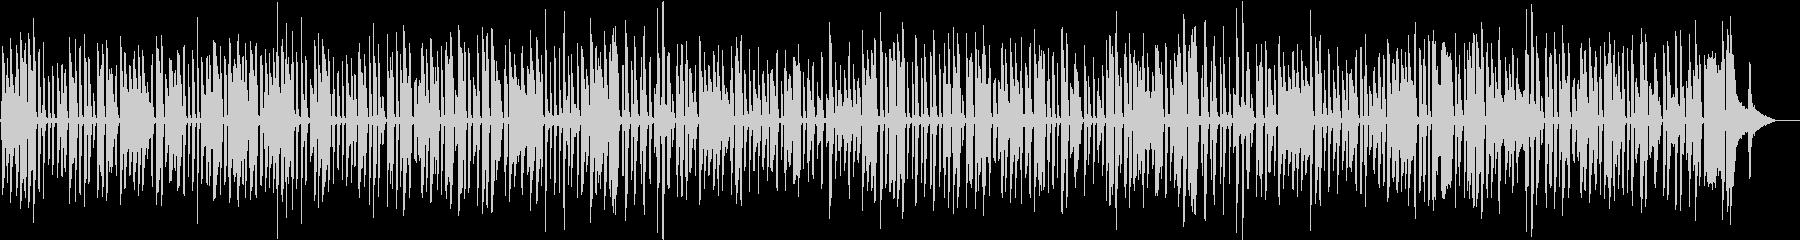 ディズニーで流れる陽気なソロジャズピアノの未再生の波形